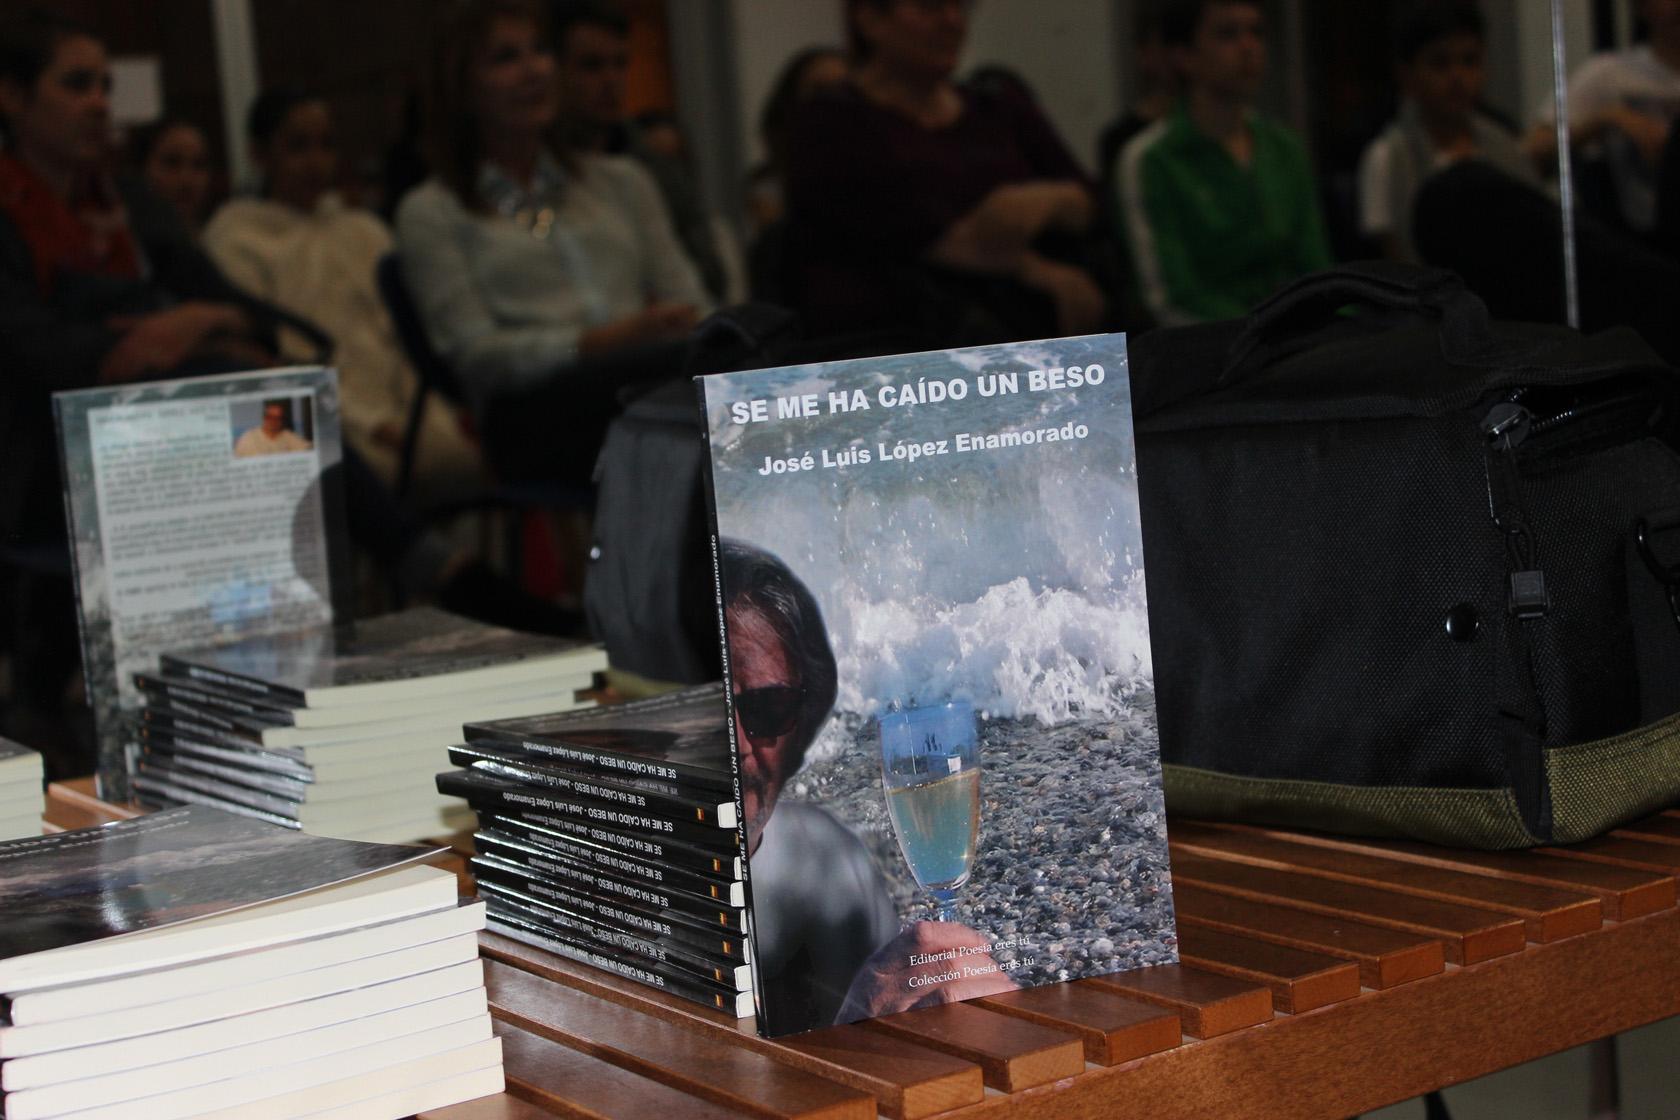 José Luis López Enamorado es el escritor de Se me ha caídoun beso. El poeta acaba de publicar un libro de poesía con la Editorial Poesía eres tú